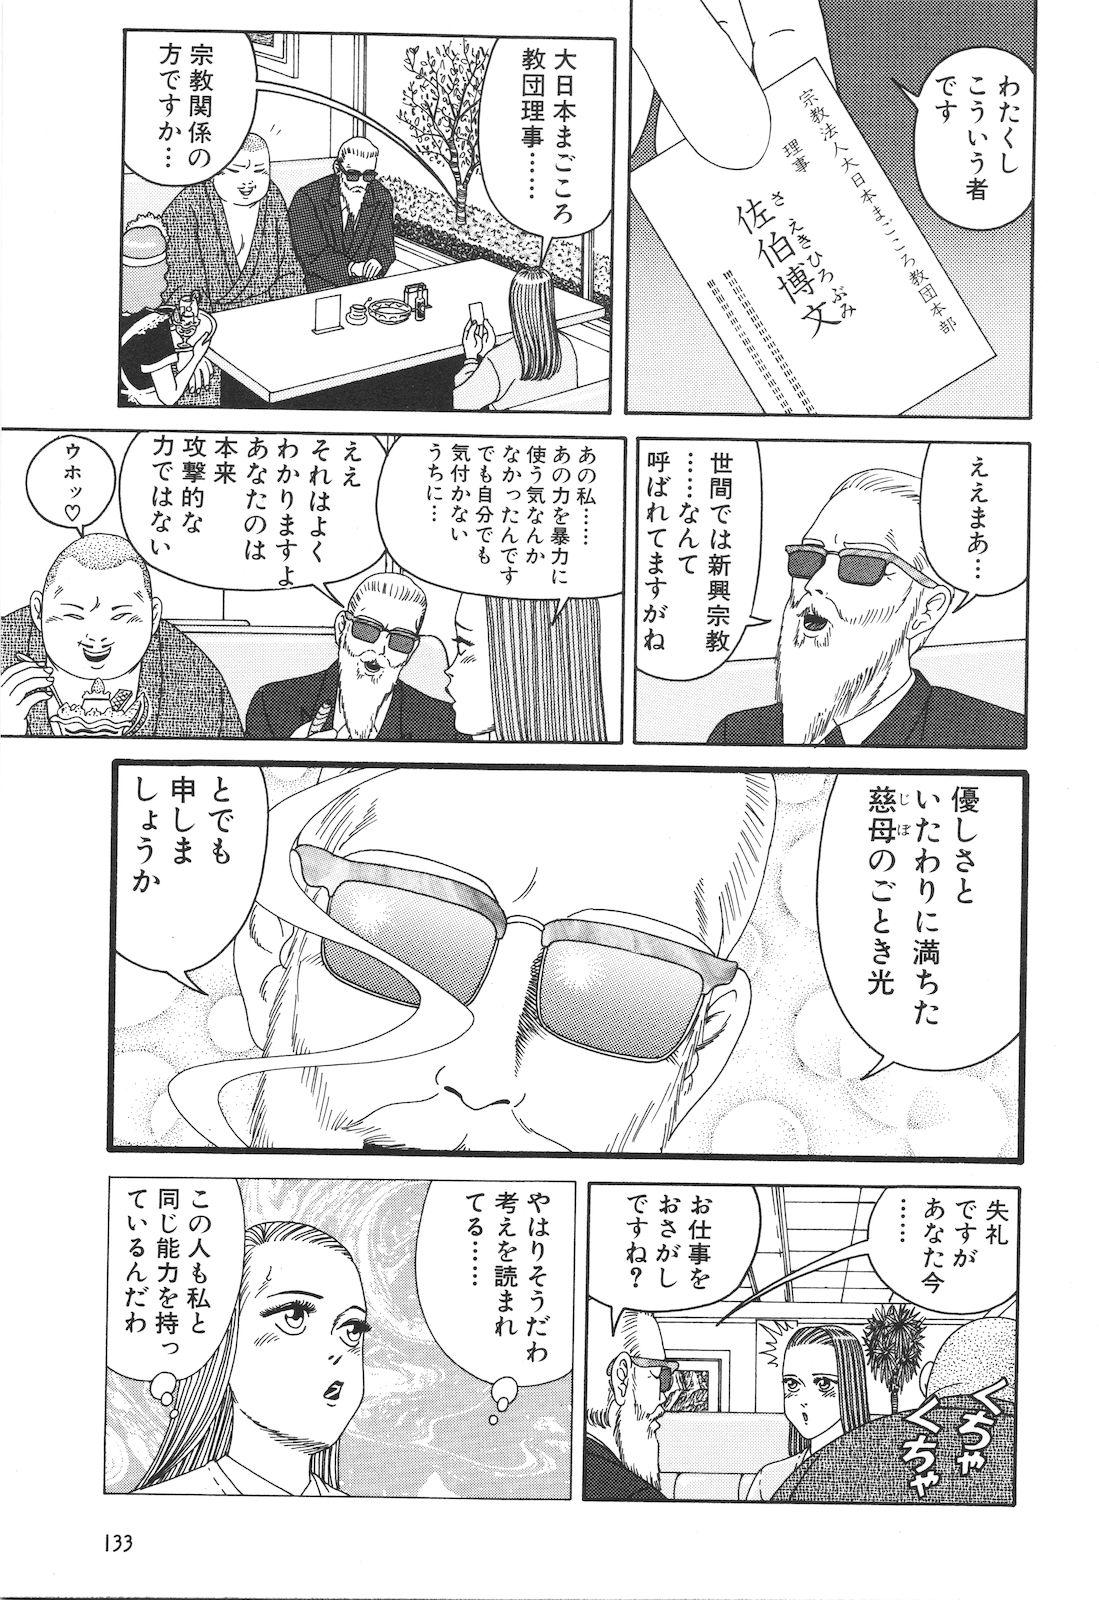 Dobusarai Gekijou 134